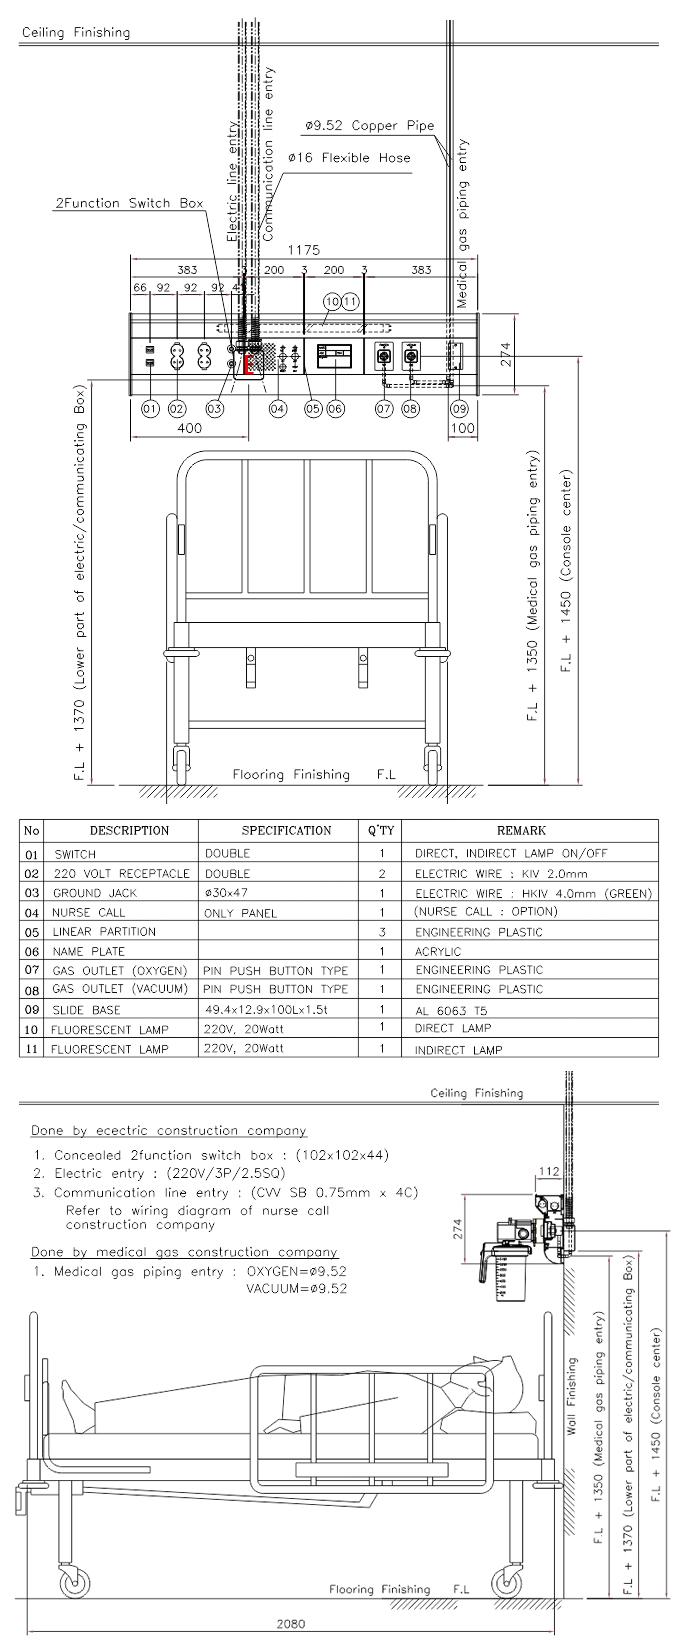 Crown Console System Medimaxkorea Co Ltd - Wiring diagram nurse call system